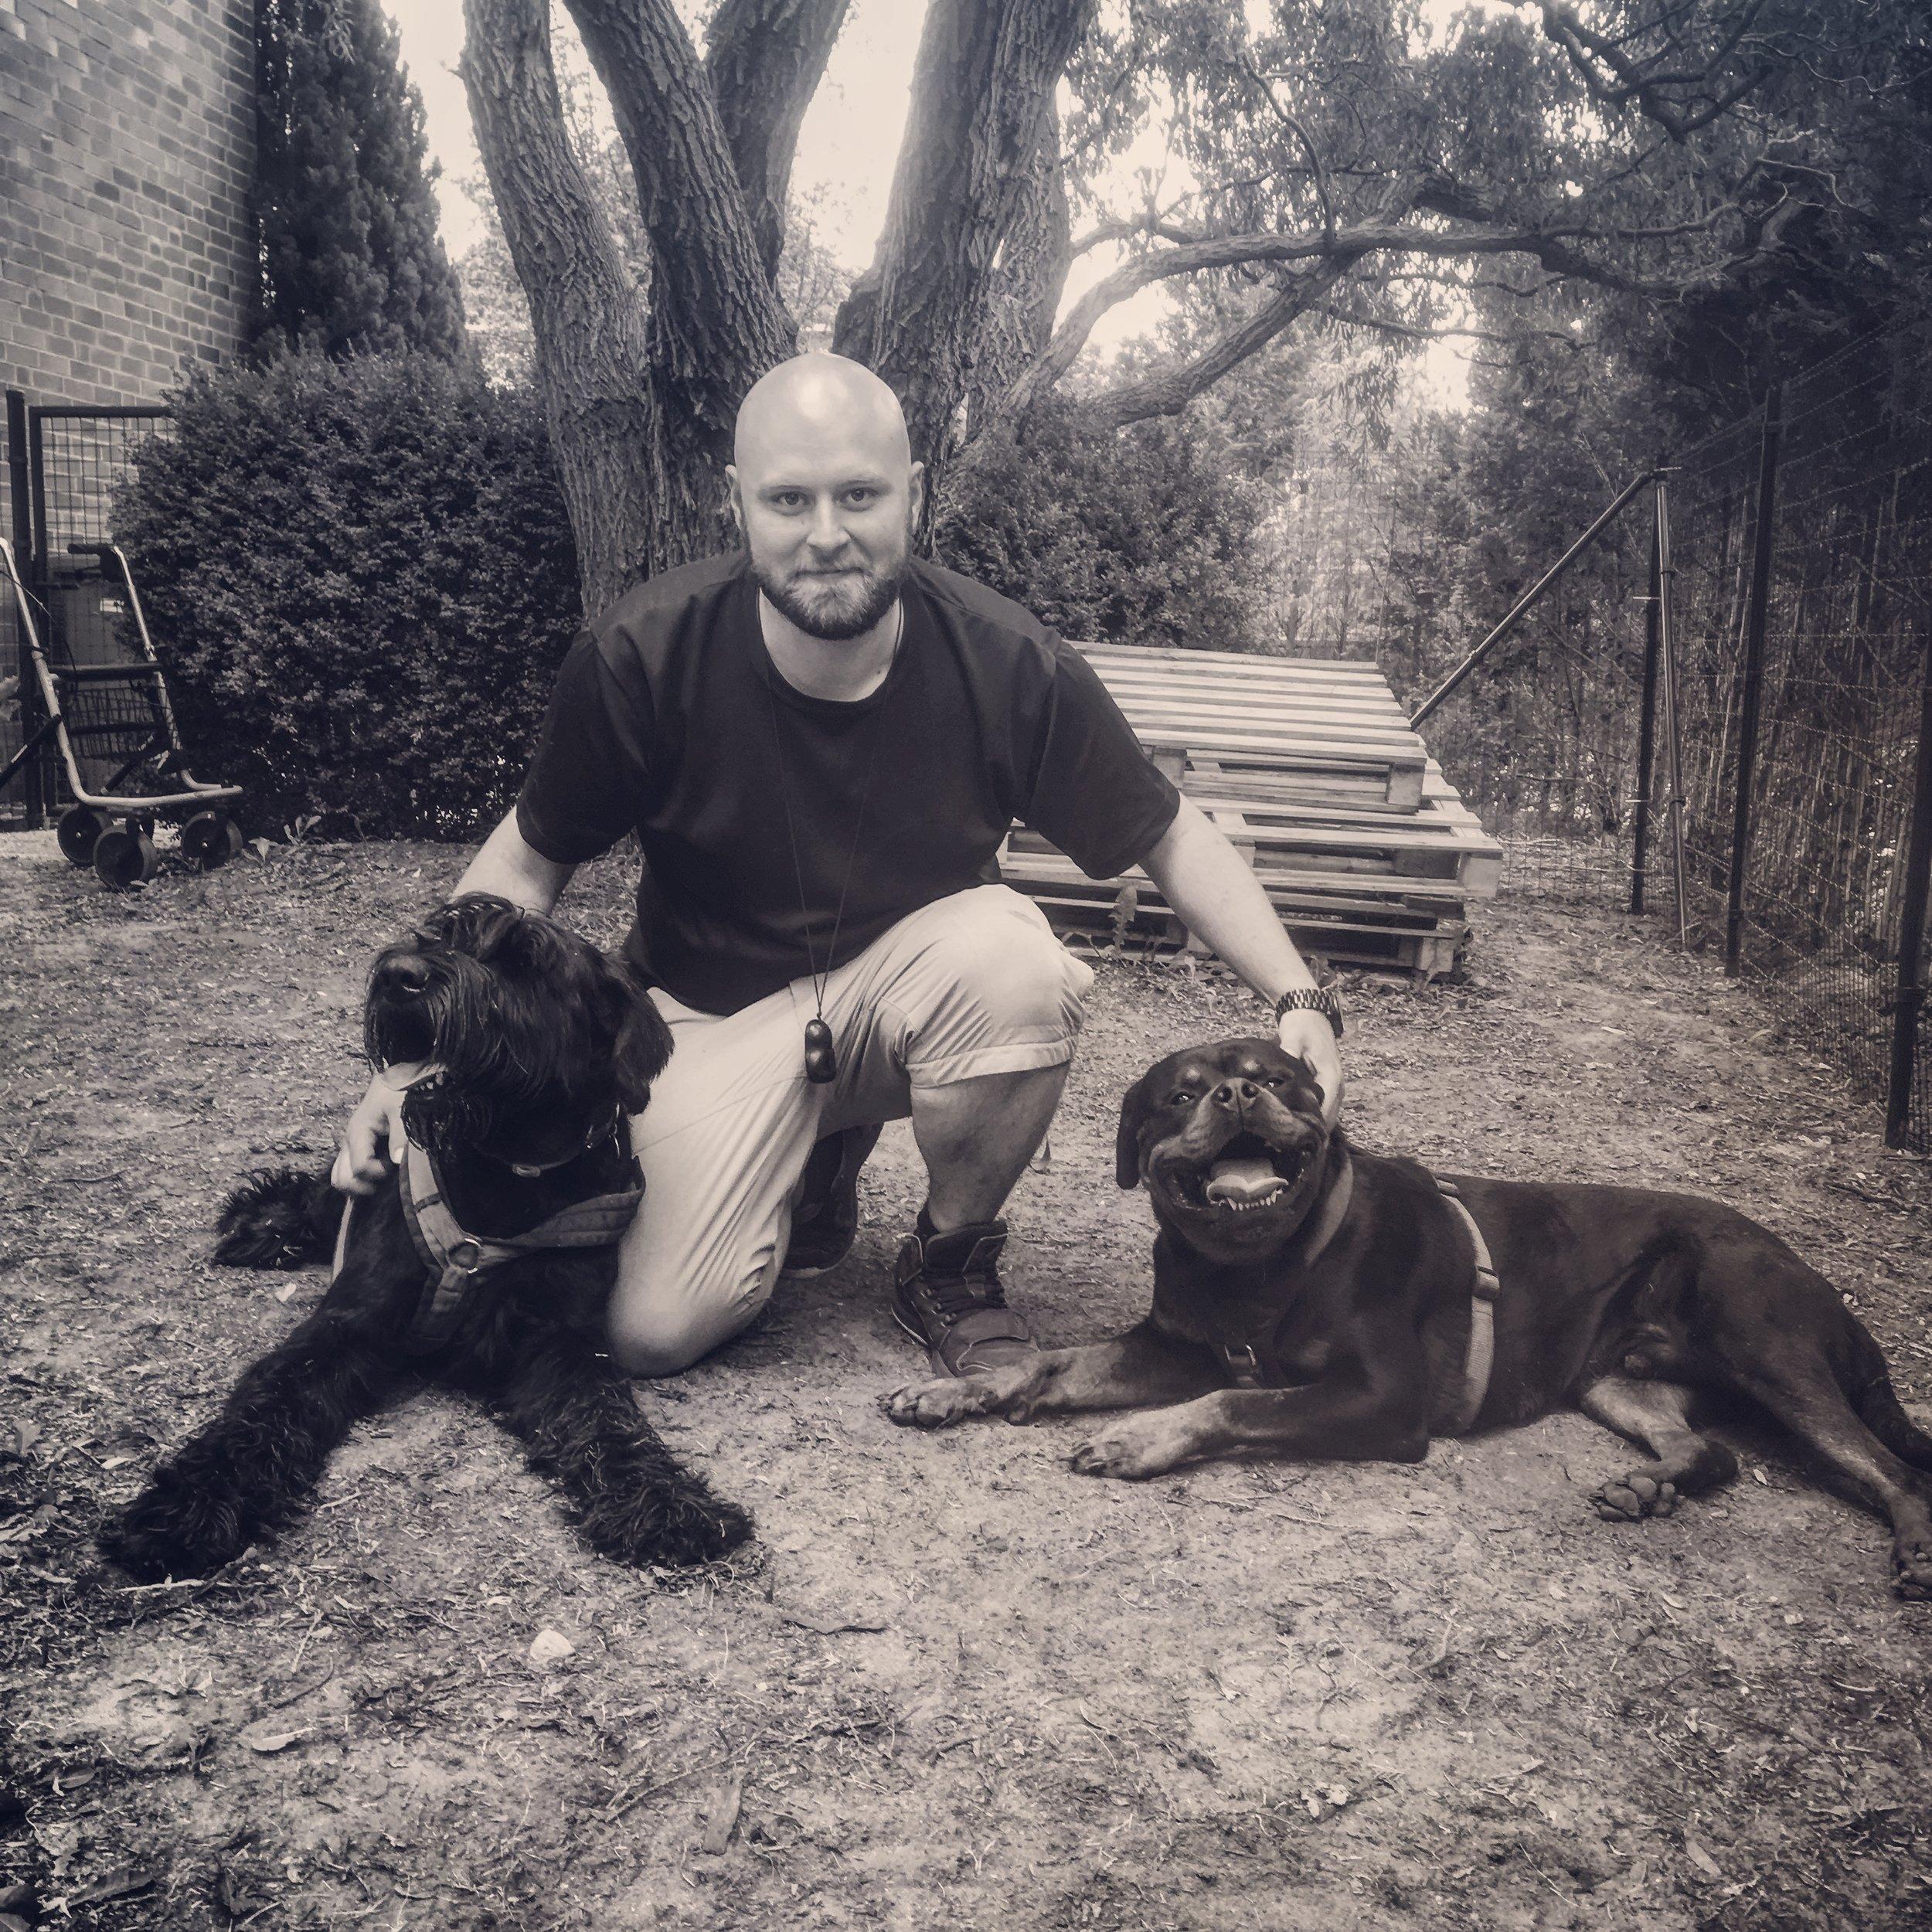 """Peter Karge - Meine ganze Kindheit über, wollte ich schon immer Hunde haben. Als ich aus meinem Elternhaus auszog und einen Job in einer Zoofachhandlung annahm, wurde ich wieder mit meinem unerfüllten Kindheitstraum konfrontiert. Von nun an konnte ich selber Verantwortung für ein eigenes Haustier übernehmen und so kam ein Hund in den Haushalt. Seitdem fasziniert mich das Thema Hund. Ich begann eine Ausbildung zum Hundetrainer bei Dogmenti in Berlin. Inzwischen verfüge ich über einen Sachkundenachweis, diverse Zertifikate und konnte mir durch kontinuierliche Weiterbildung ein breit gefächertes Fachwissen aneignen. Zudem hatte ich das Privileg, Co-Trainer von zwei begnadeten Hundetrainerinnen, Christin Appel (IHK, BHV) und Rike Kranefeld (IHK) in der Hundeschule """"Hundartig"""" sein zu dürfen. Nachdem die Besitzerin (Christin Appel) die Entscheidung getroffen hat, sich mehr auf Therapiehundearbeit und Einzelcoachings zu spezialisieren, ergriff ich die Chance und übernahm das ehemalige Gelände ihrer Hundeschule. Seitdem biete ich auch eigene Gruppenkurse an. Neben meinem Fachwissen zu Hunden, habe ich ebenfalls ein gutes Gespür für Menschen und deren Körpersprache. Diese Kombination erlaubt es mir, meine Trainingsziele zu optimieren und eine reibungslose, für den Hund verständlichere Kommunikation zwischen ihm und seinem Halter zu schaffen."""